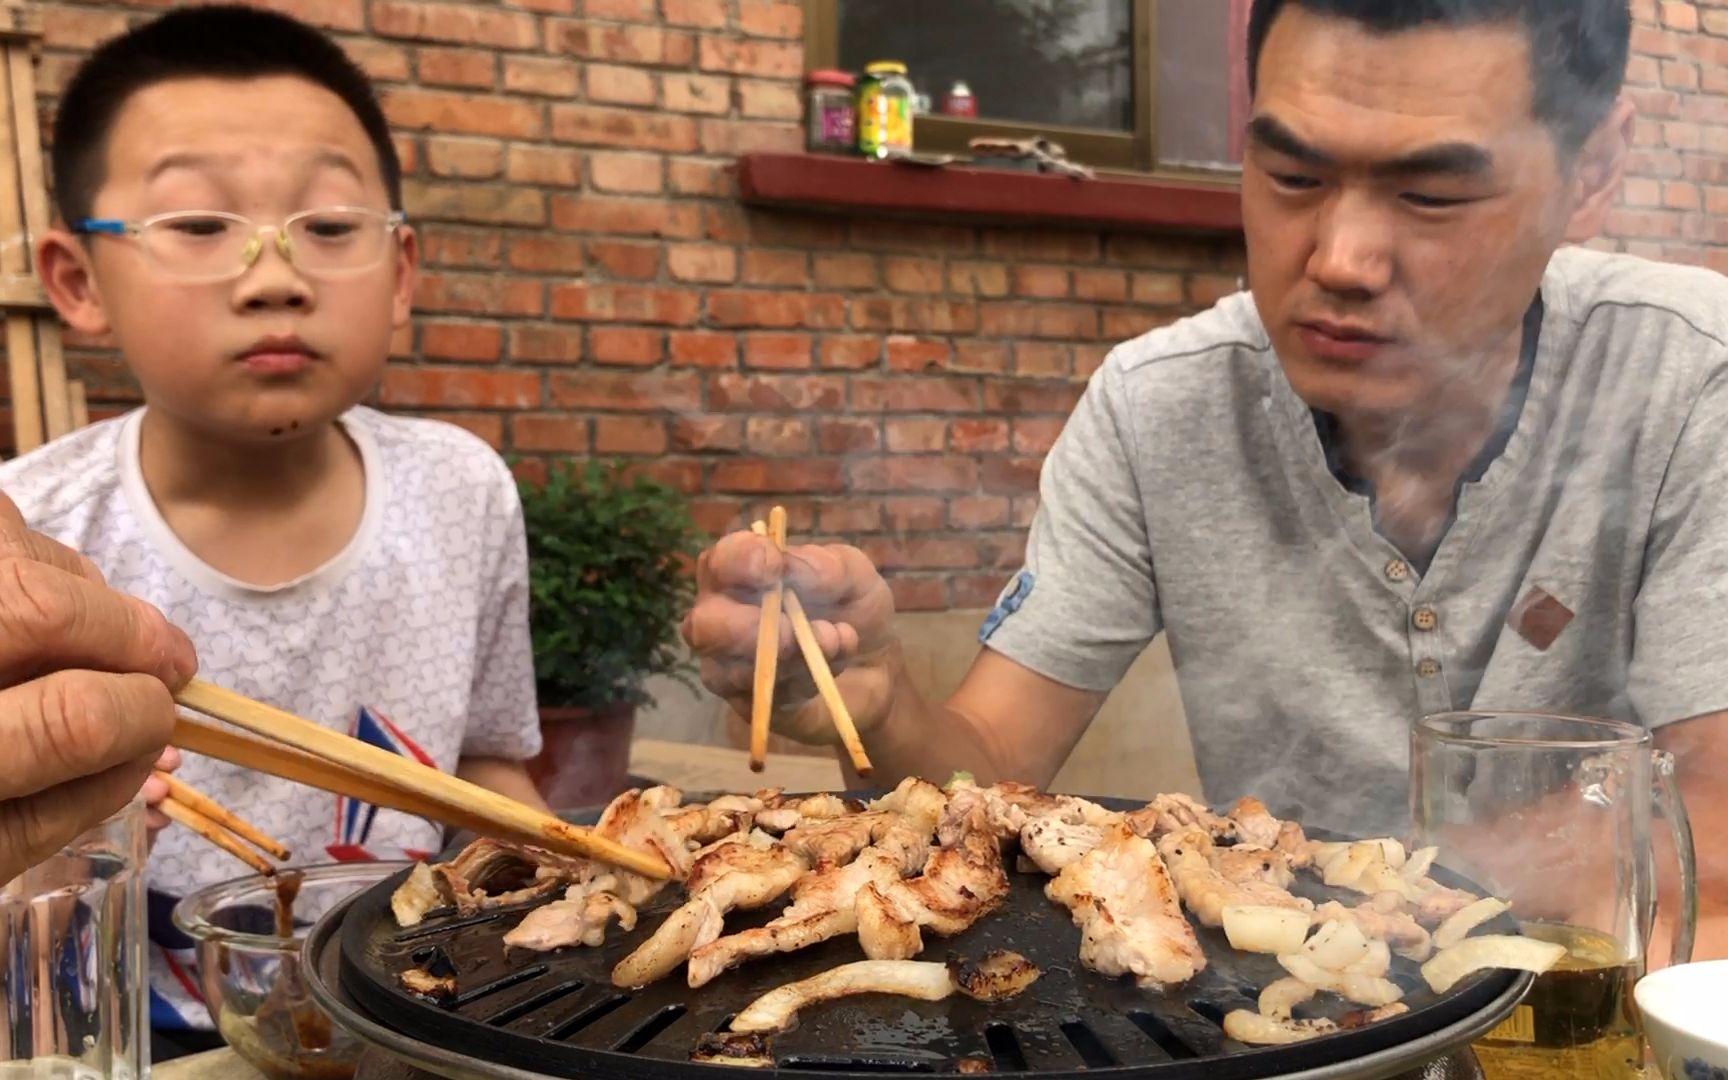 阿远买了2斤牛肉、1斤五花肉,孩子说没吃够,铁盘烤出来味不赖